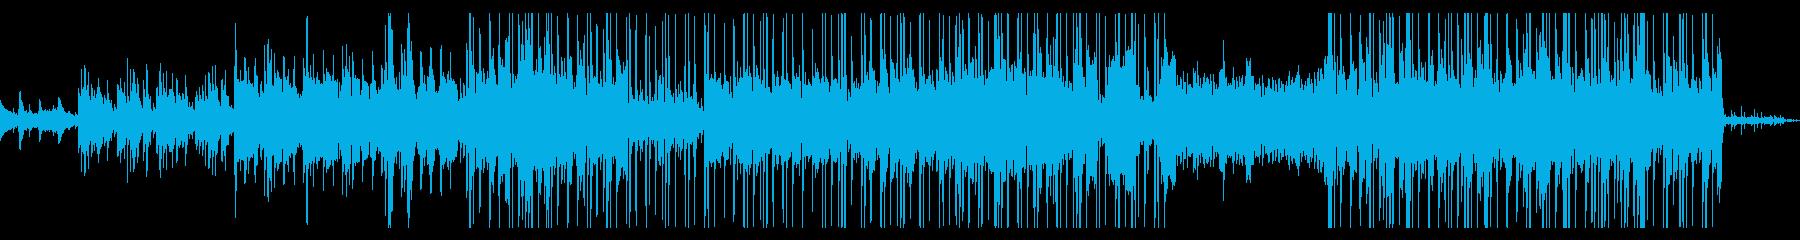 見せ場に使いやすい!ピアノが美しいポップの再生済みの波形